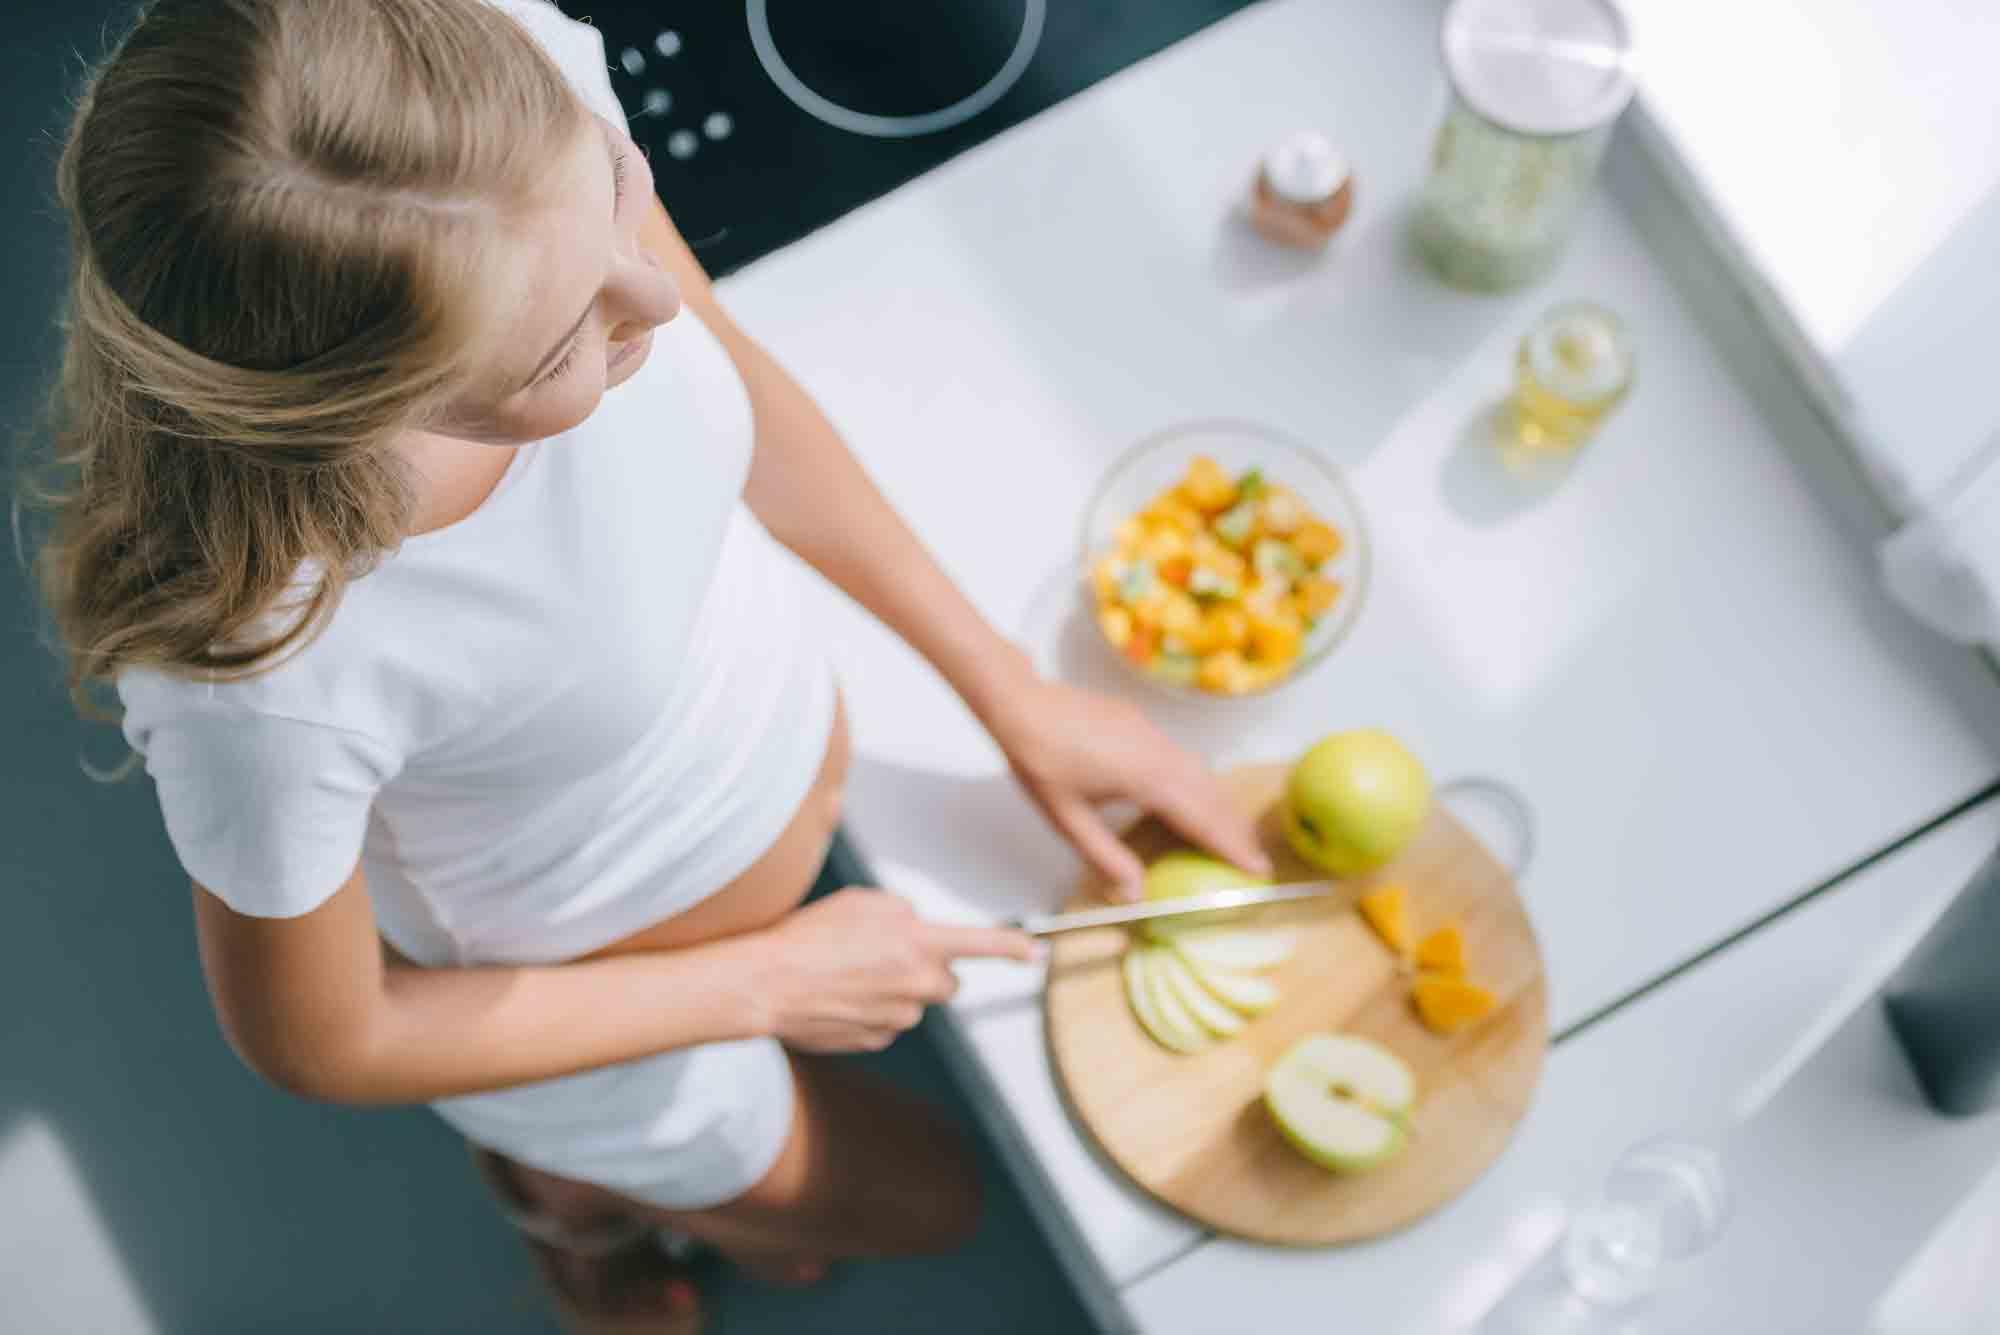 تغذیه بارداری|مرکز پارسیان مهرپرور